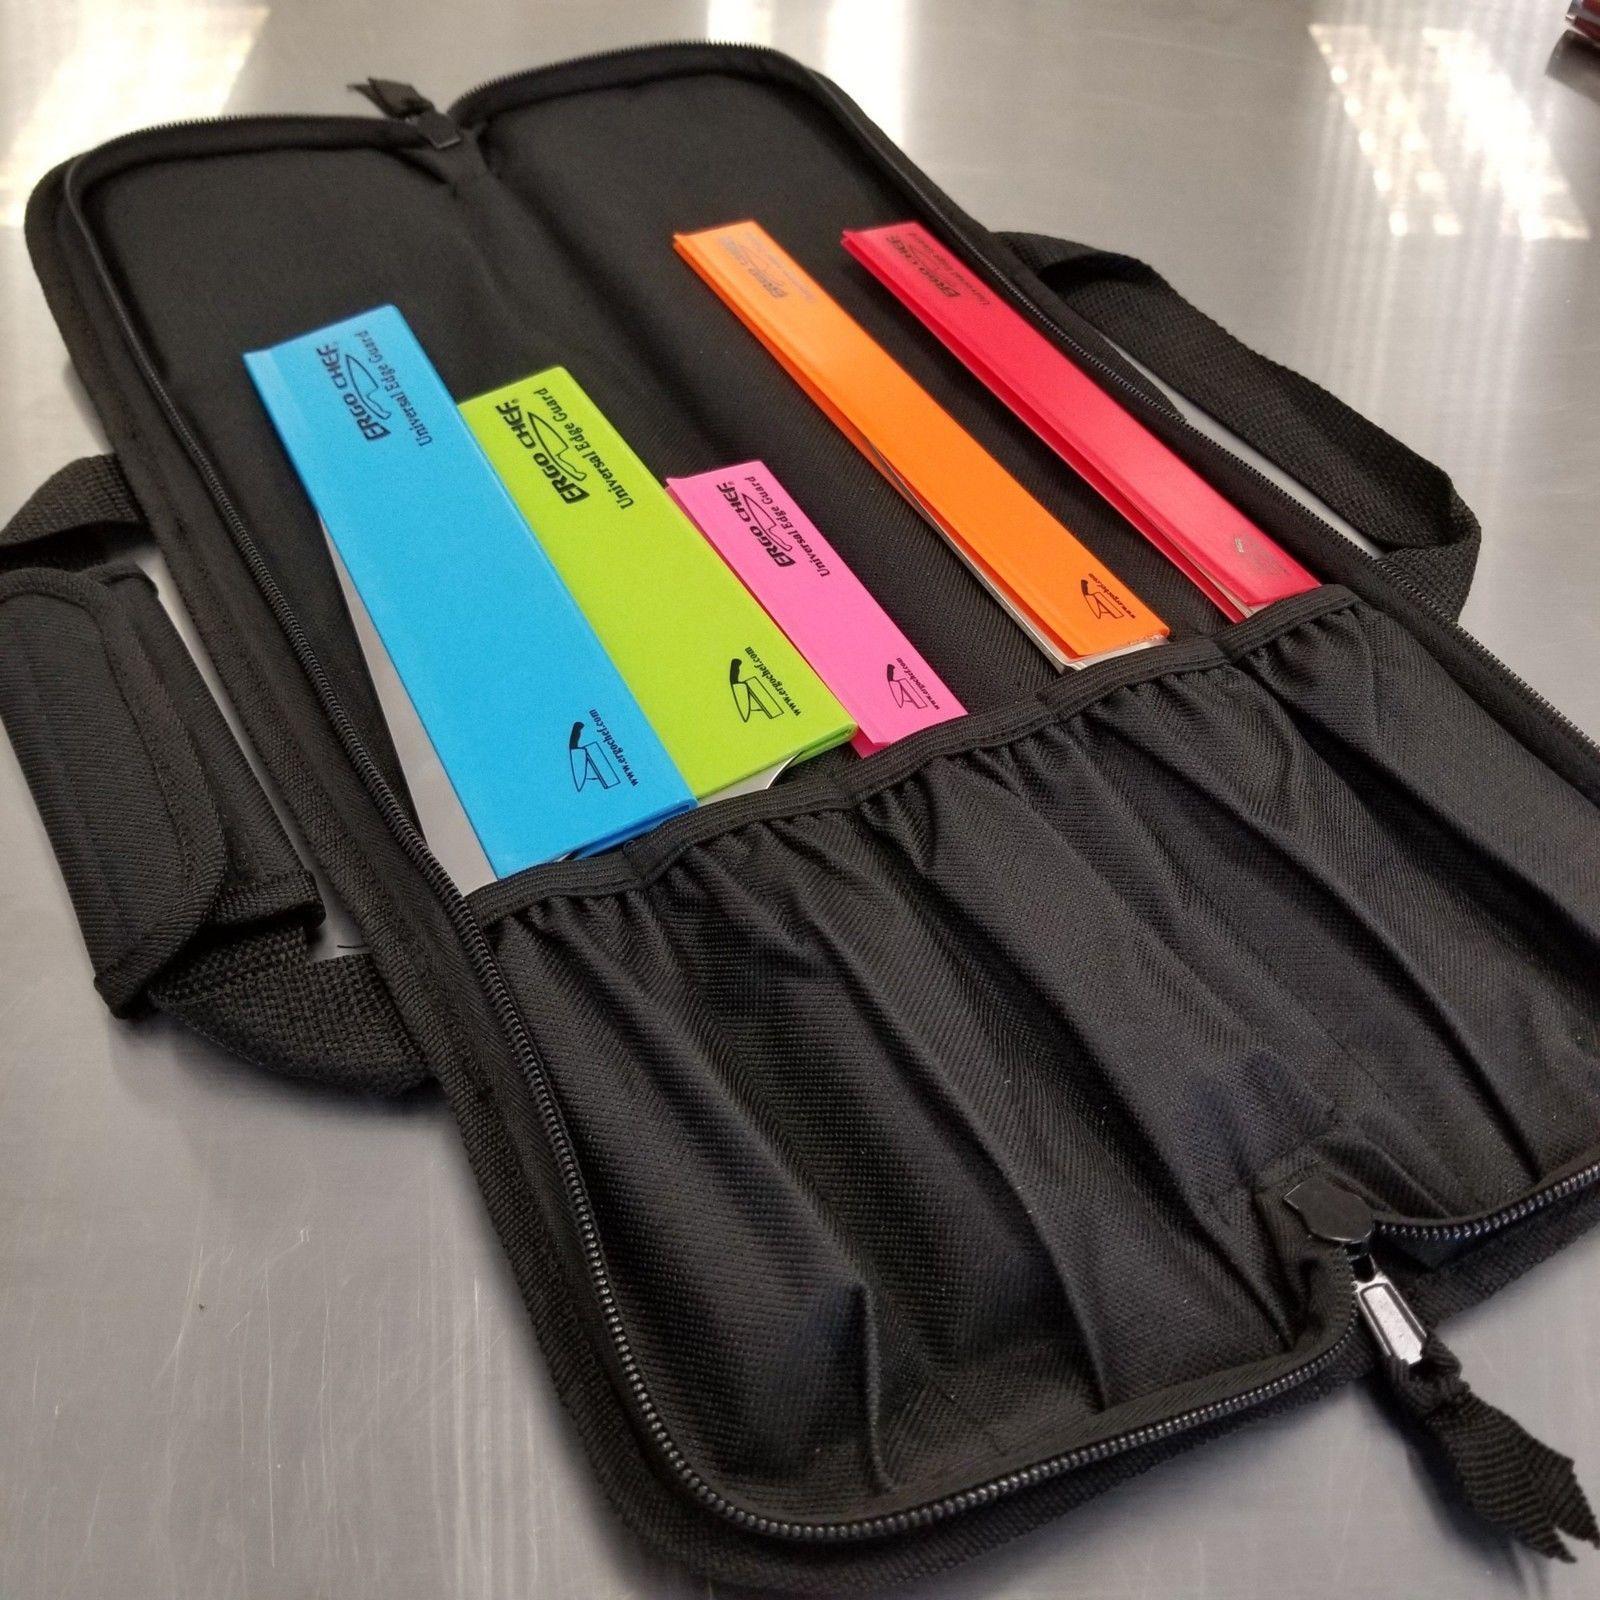 5 POCKET CHEF Knife Roll Bag Case knife bag chef bag knife roll black (F2)   10.95 End Date  2019-01-30 17 56 31 Original price   19.95   ... f26f7d27d2dab